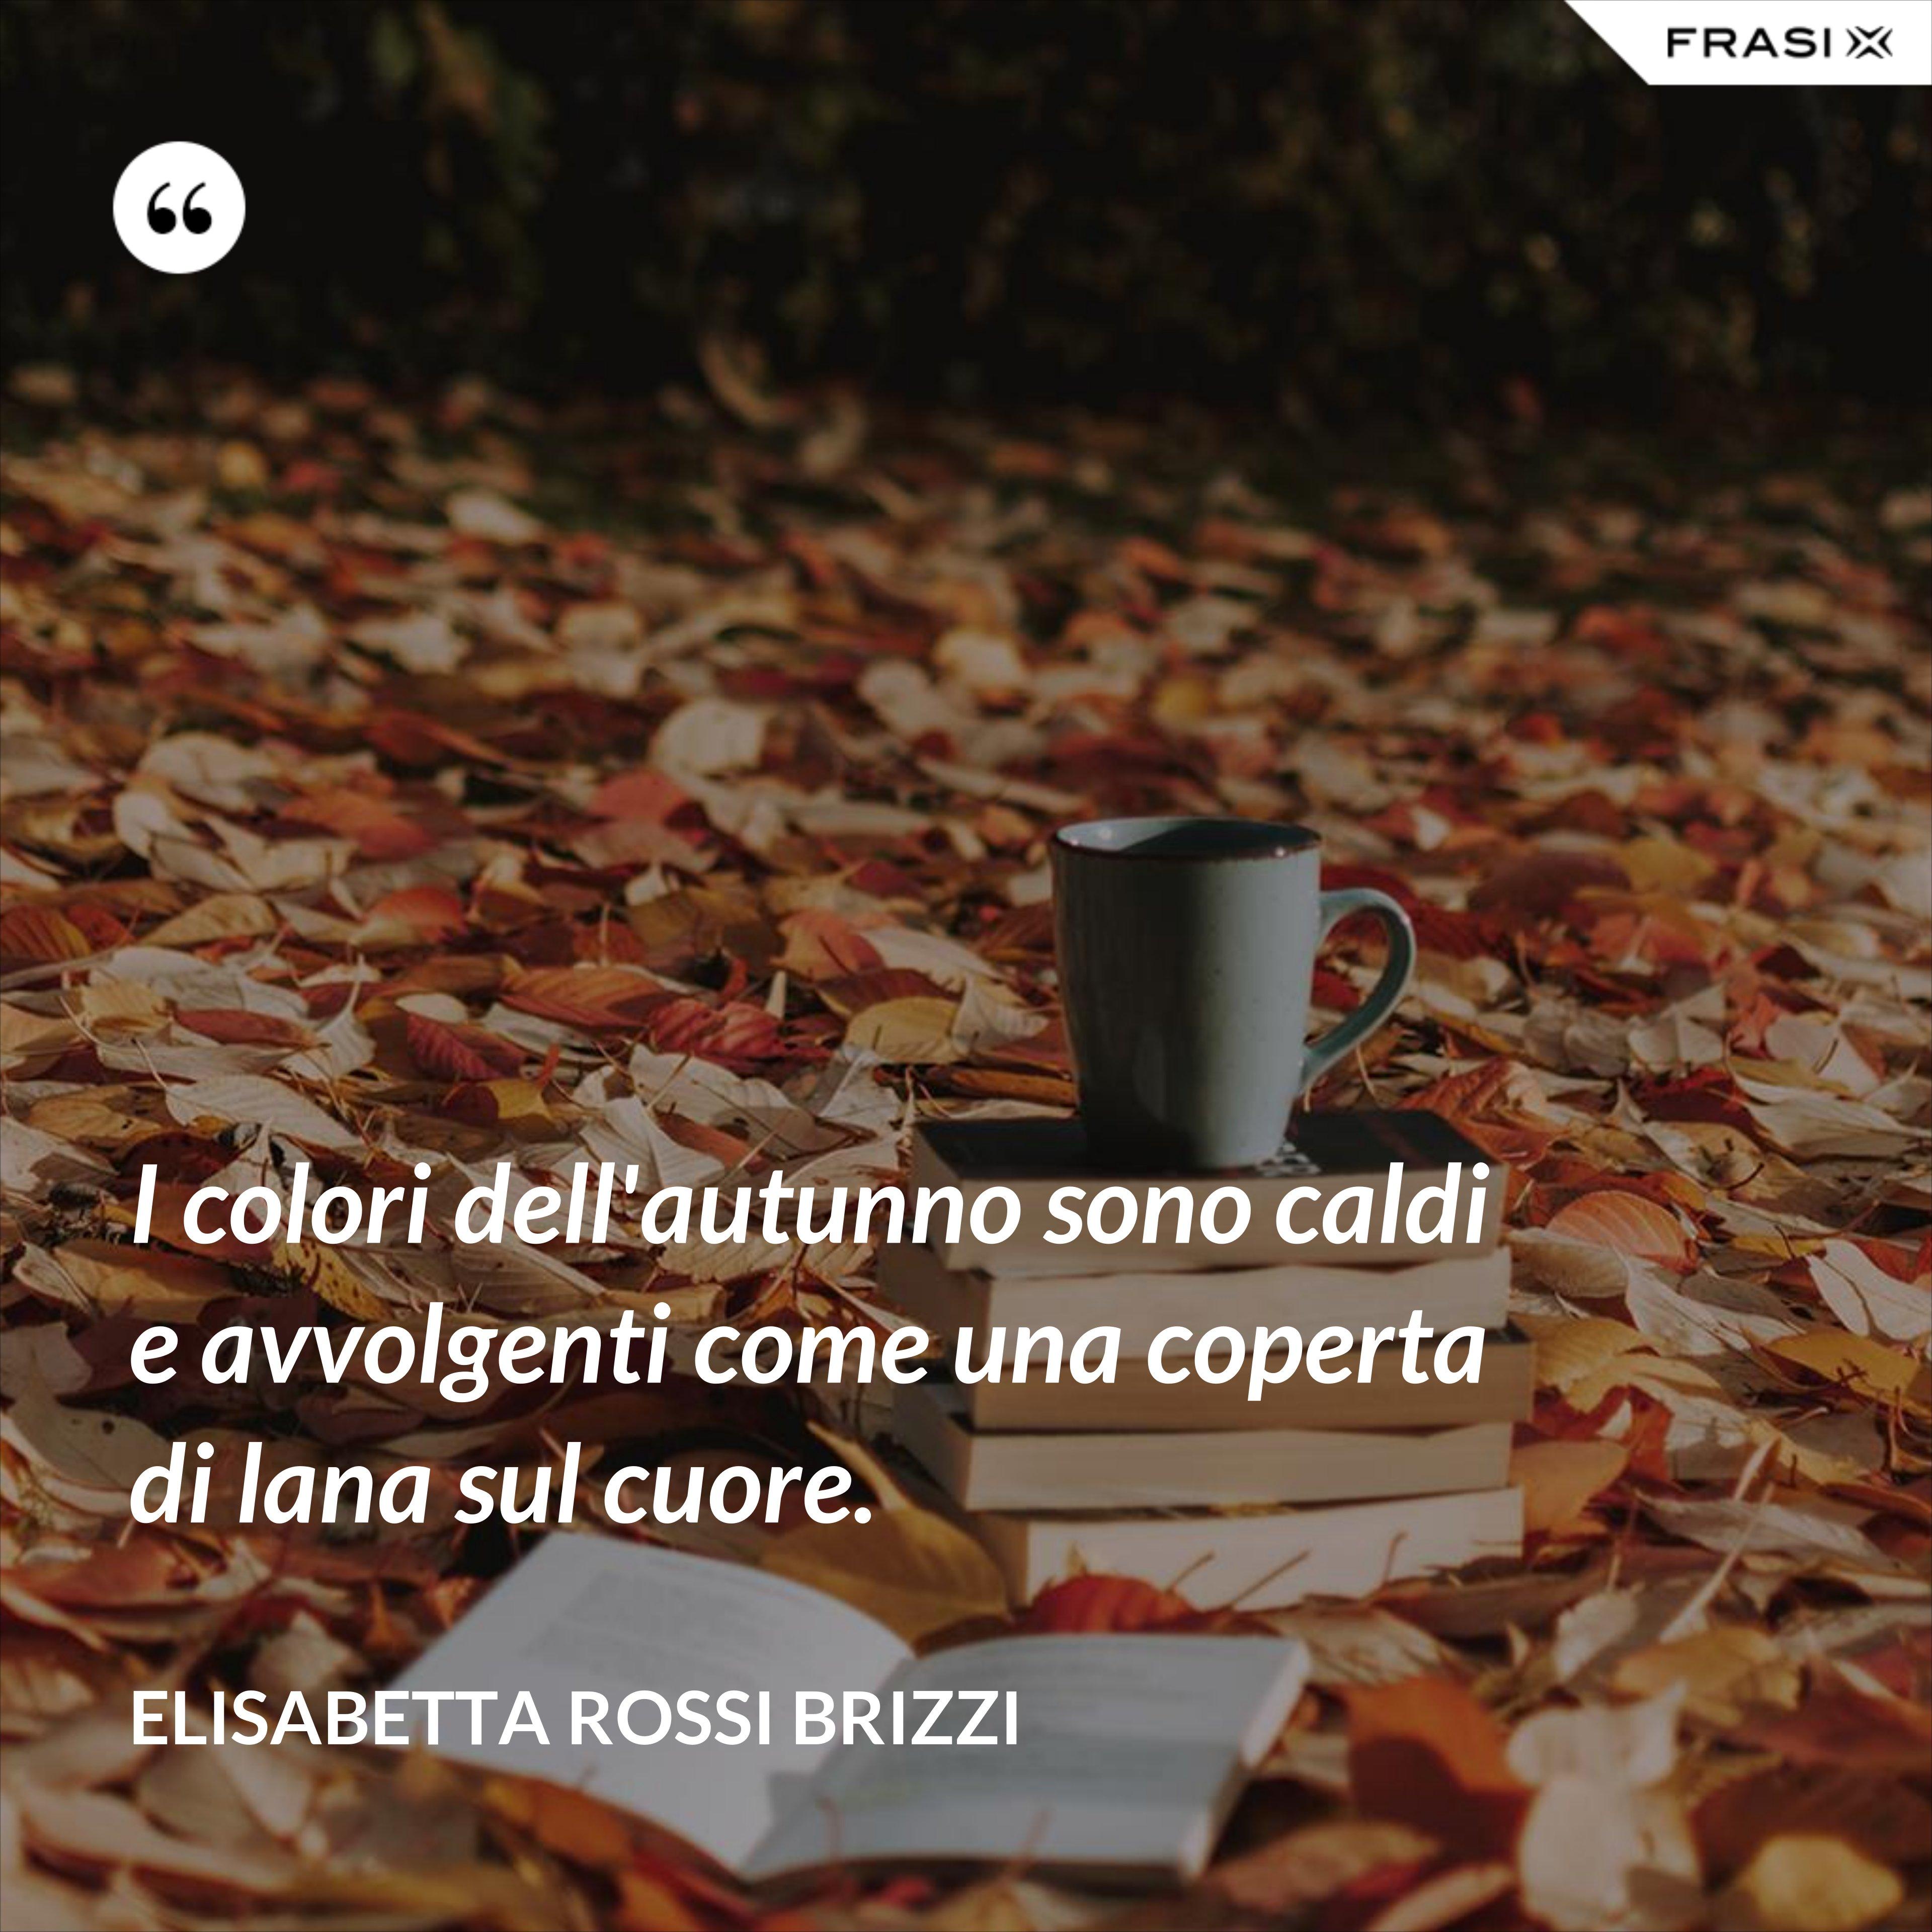 I colori dell'autunno sono caldi e avvolgenti come una coperta di lana sul cuore. - Elisabetta Rossi Brizzi